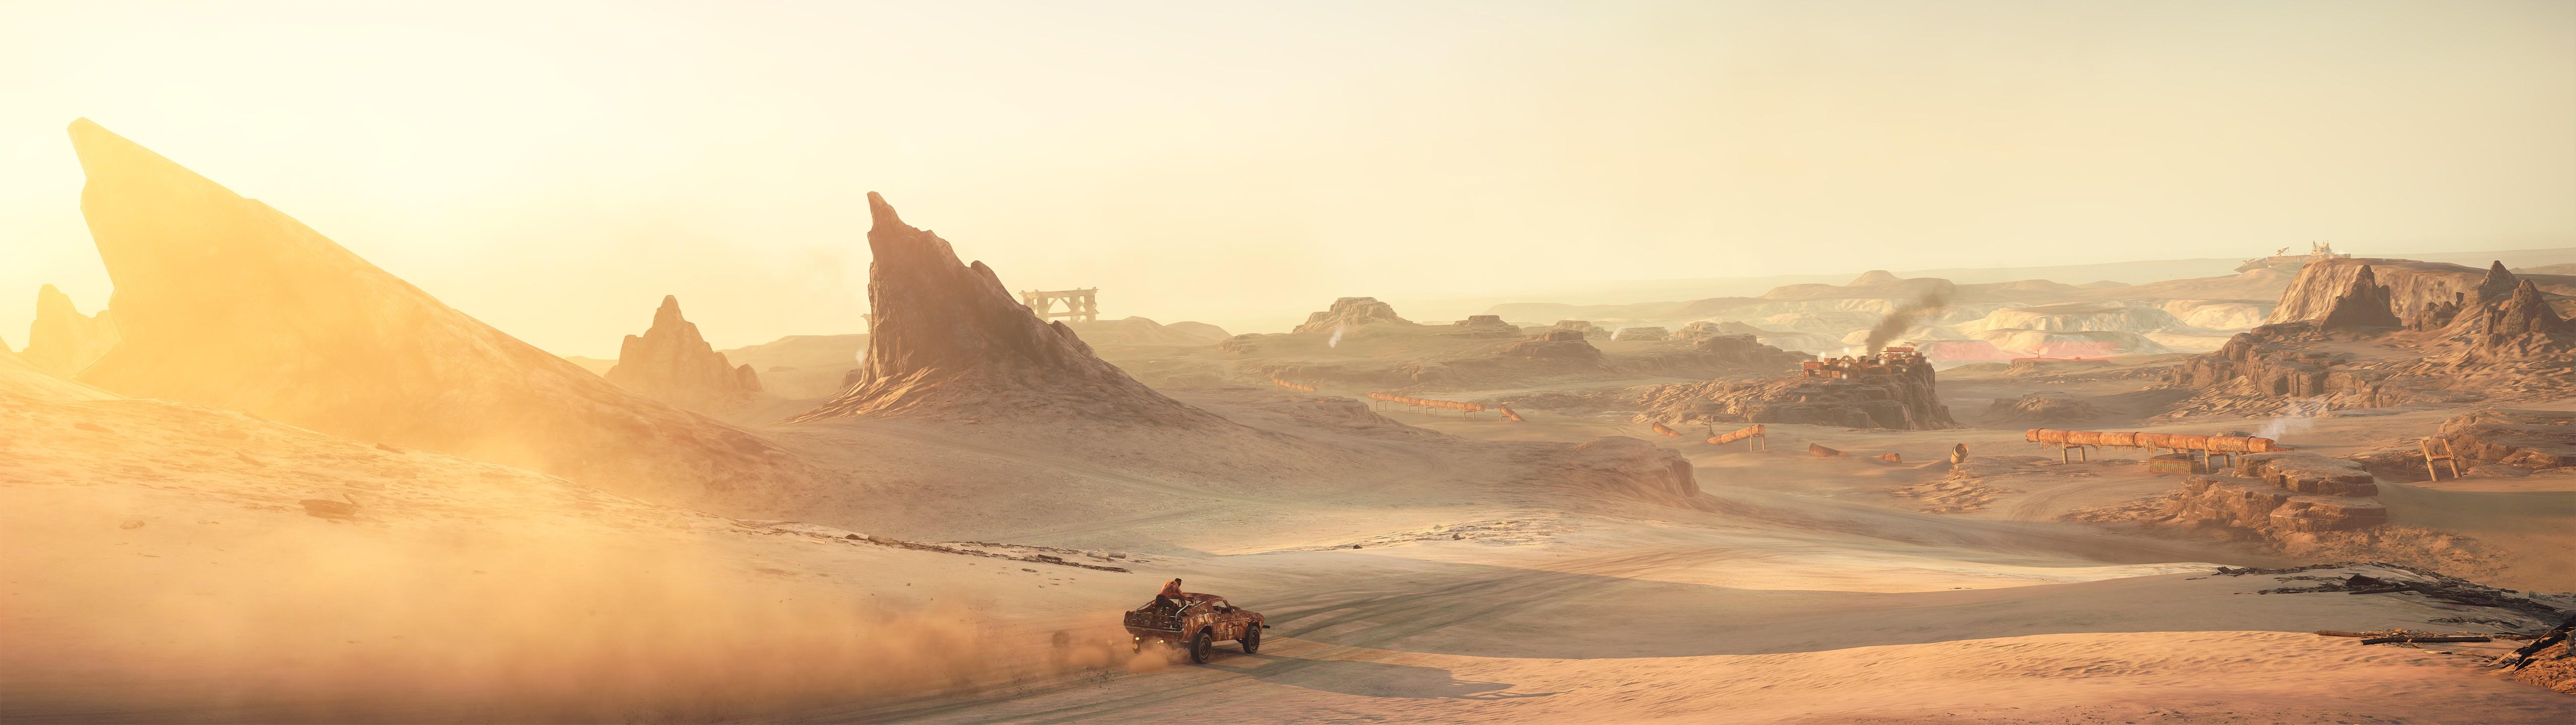 Wallpaper Sunlight Landscape Video Games Sunrise Morning